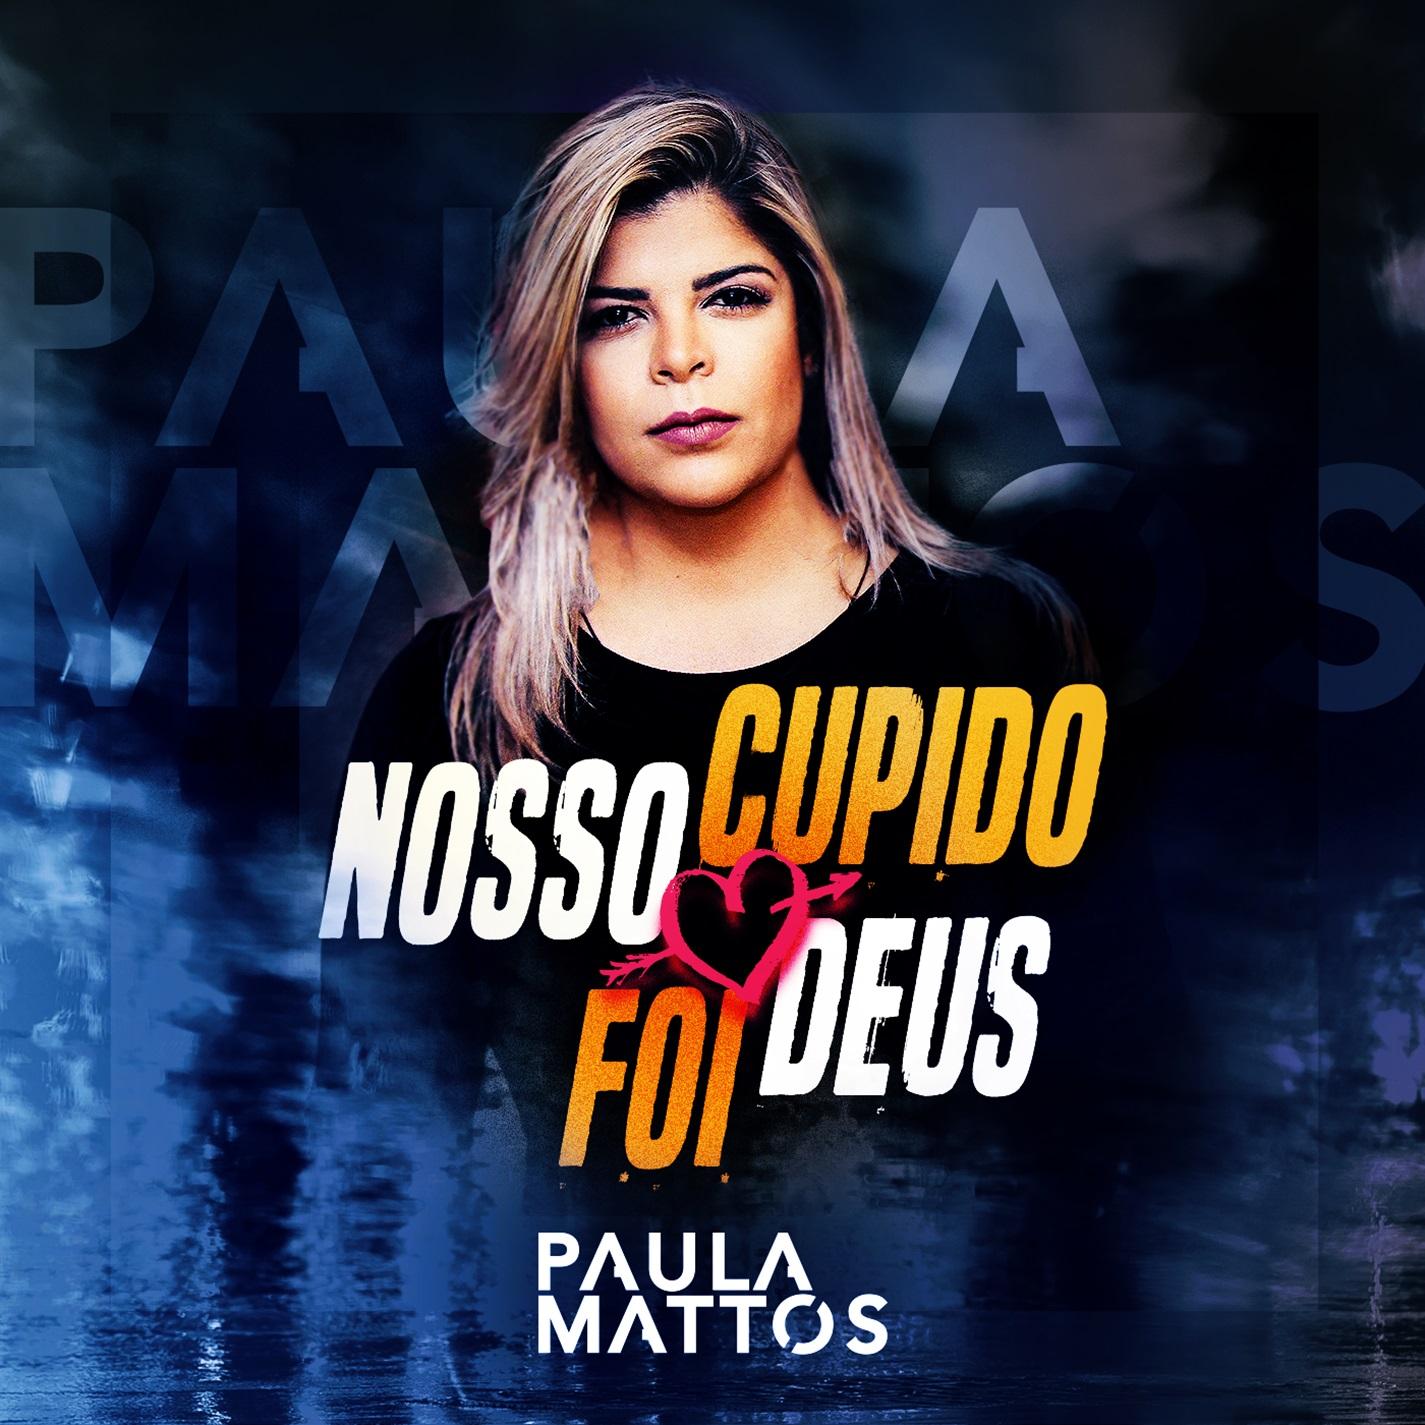 """Paula Mattos lança nesta sexta-feira """"Nosso Cupido foi Deus"""" 41"""